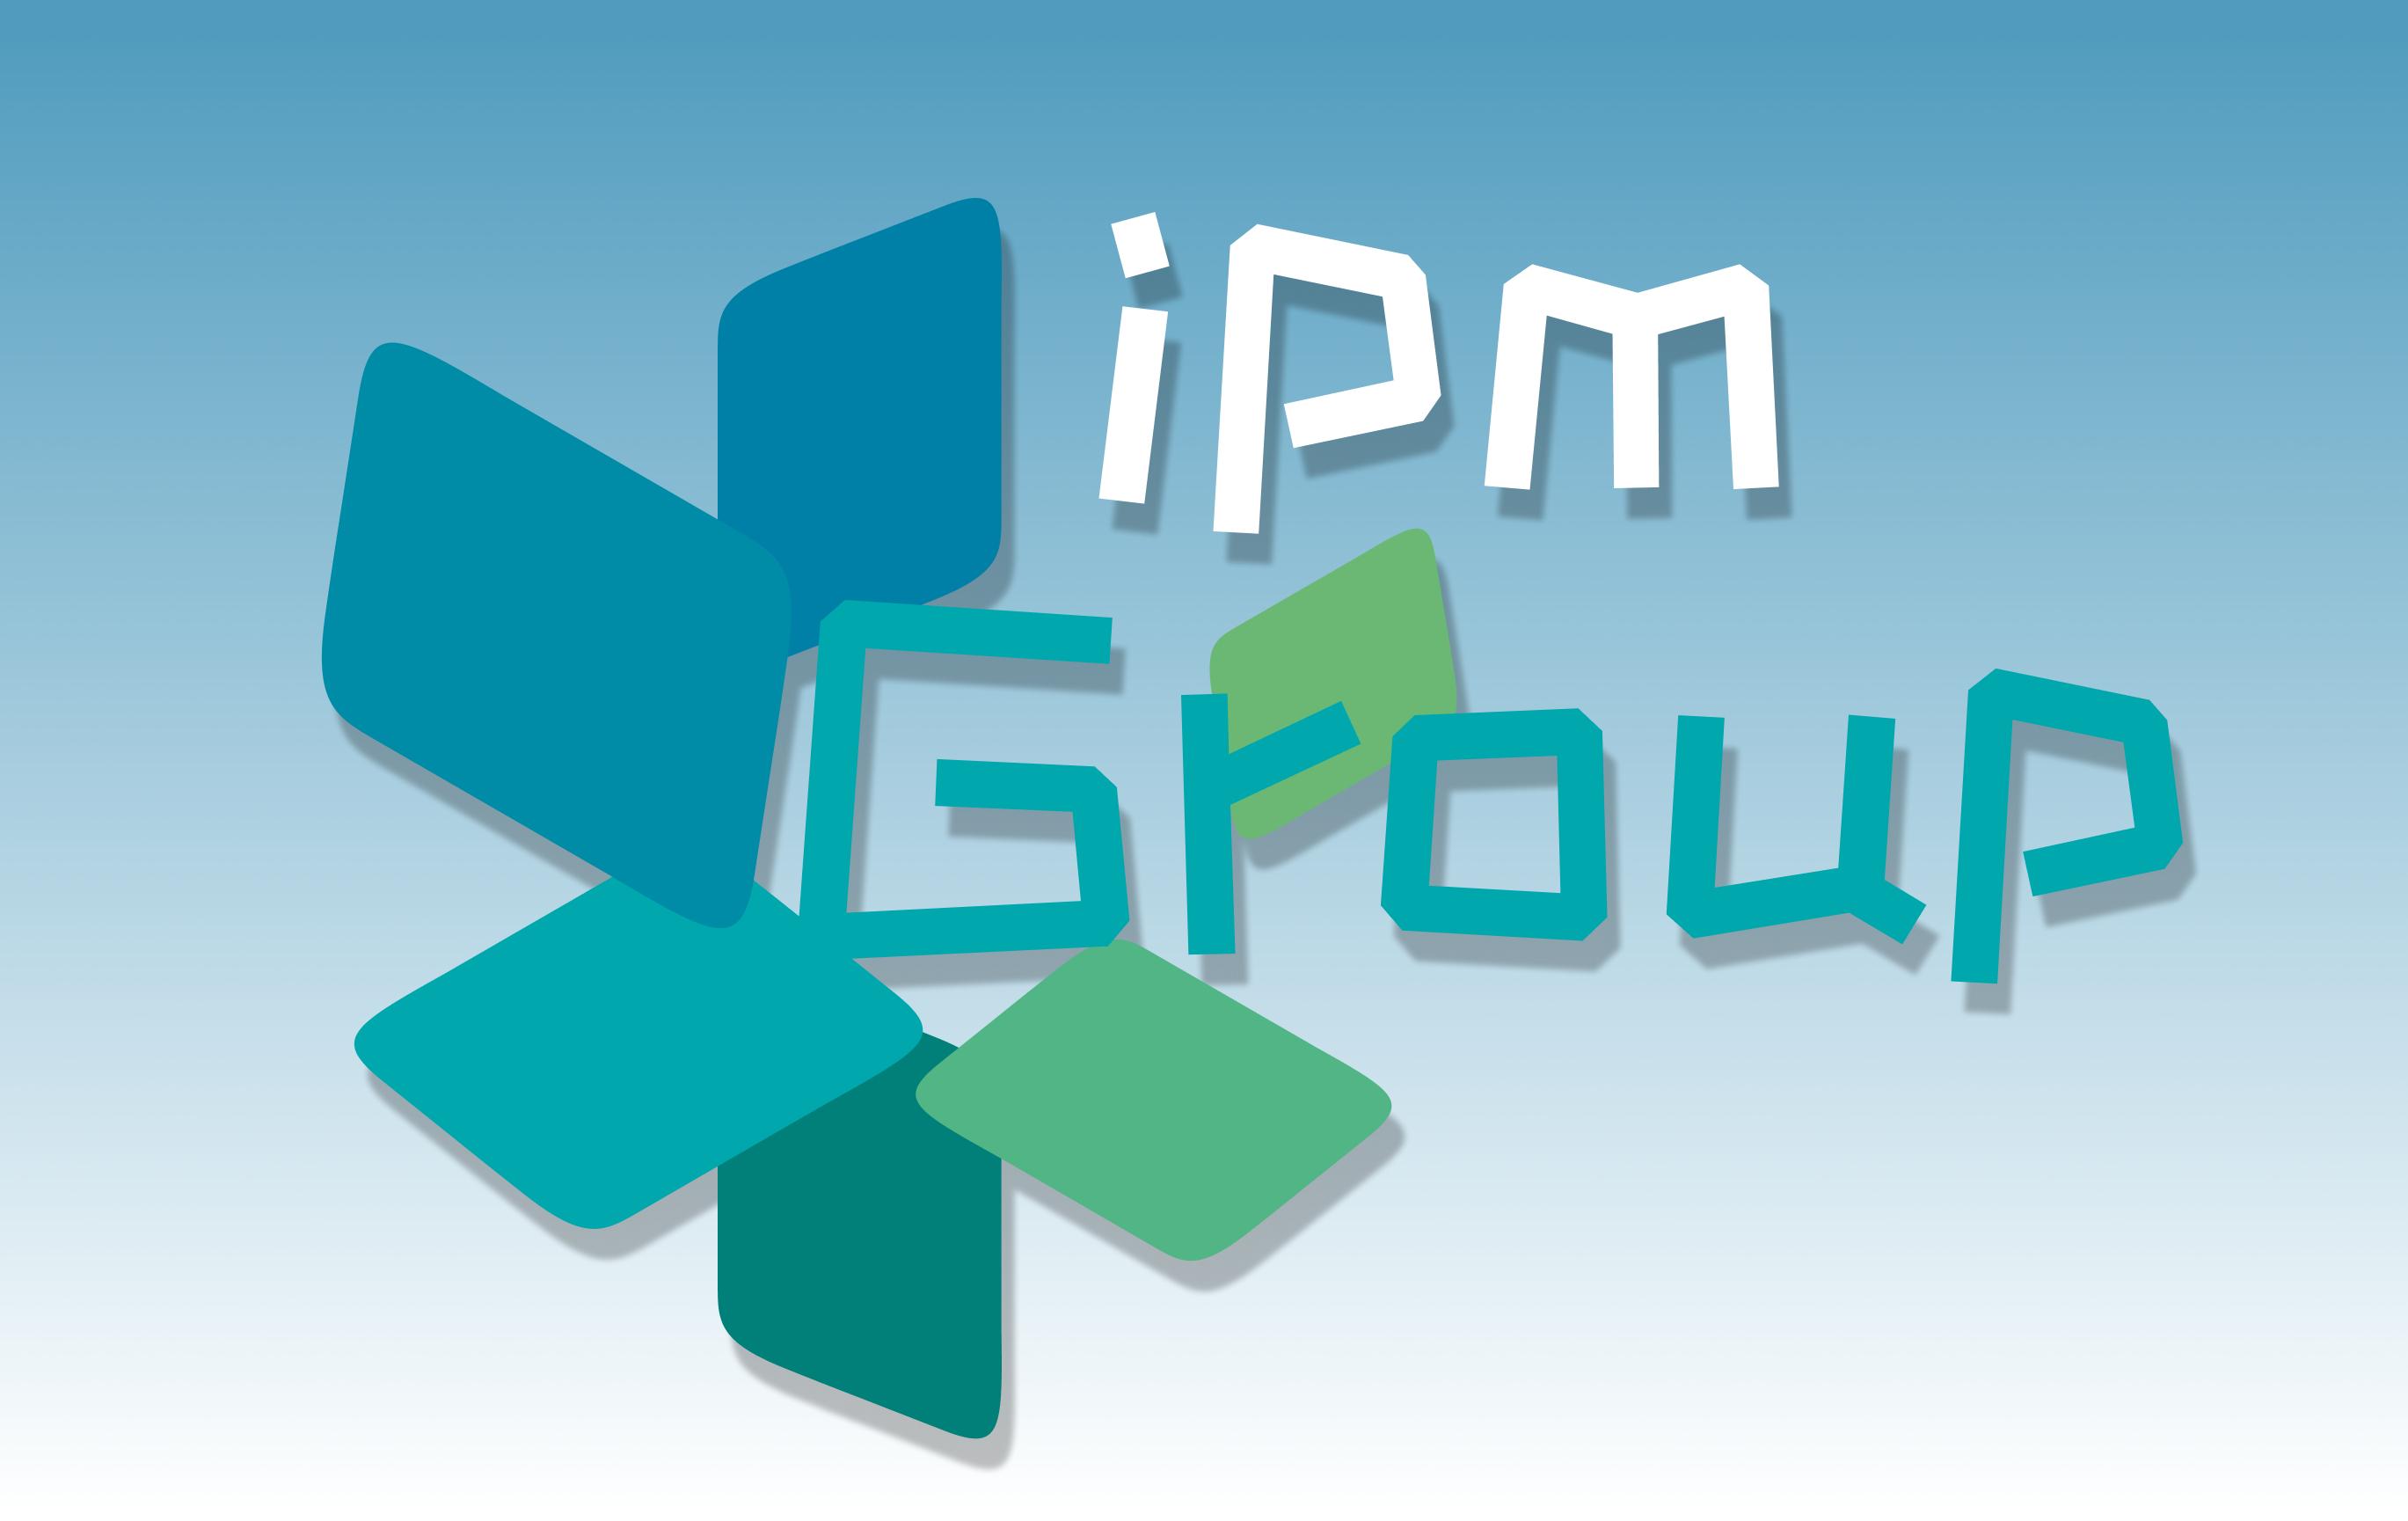 Разработка логотипа для управляющей компании фото f_6335f845cffce5fe.png